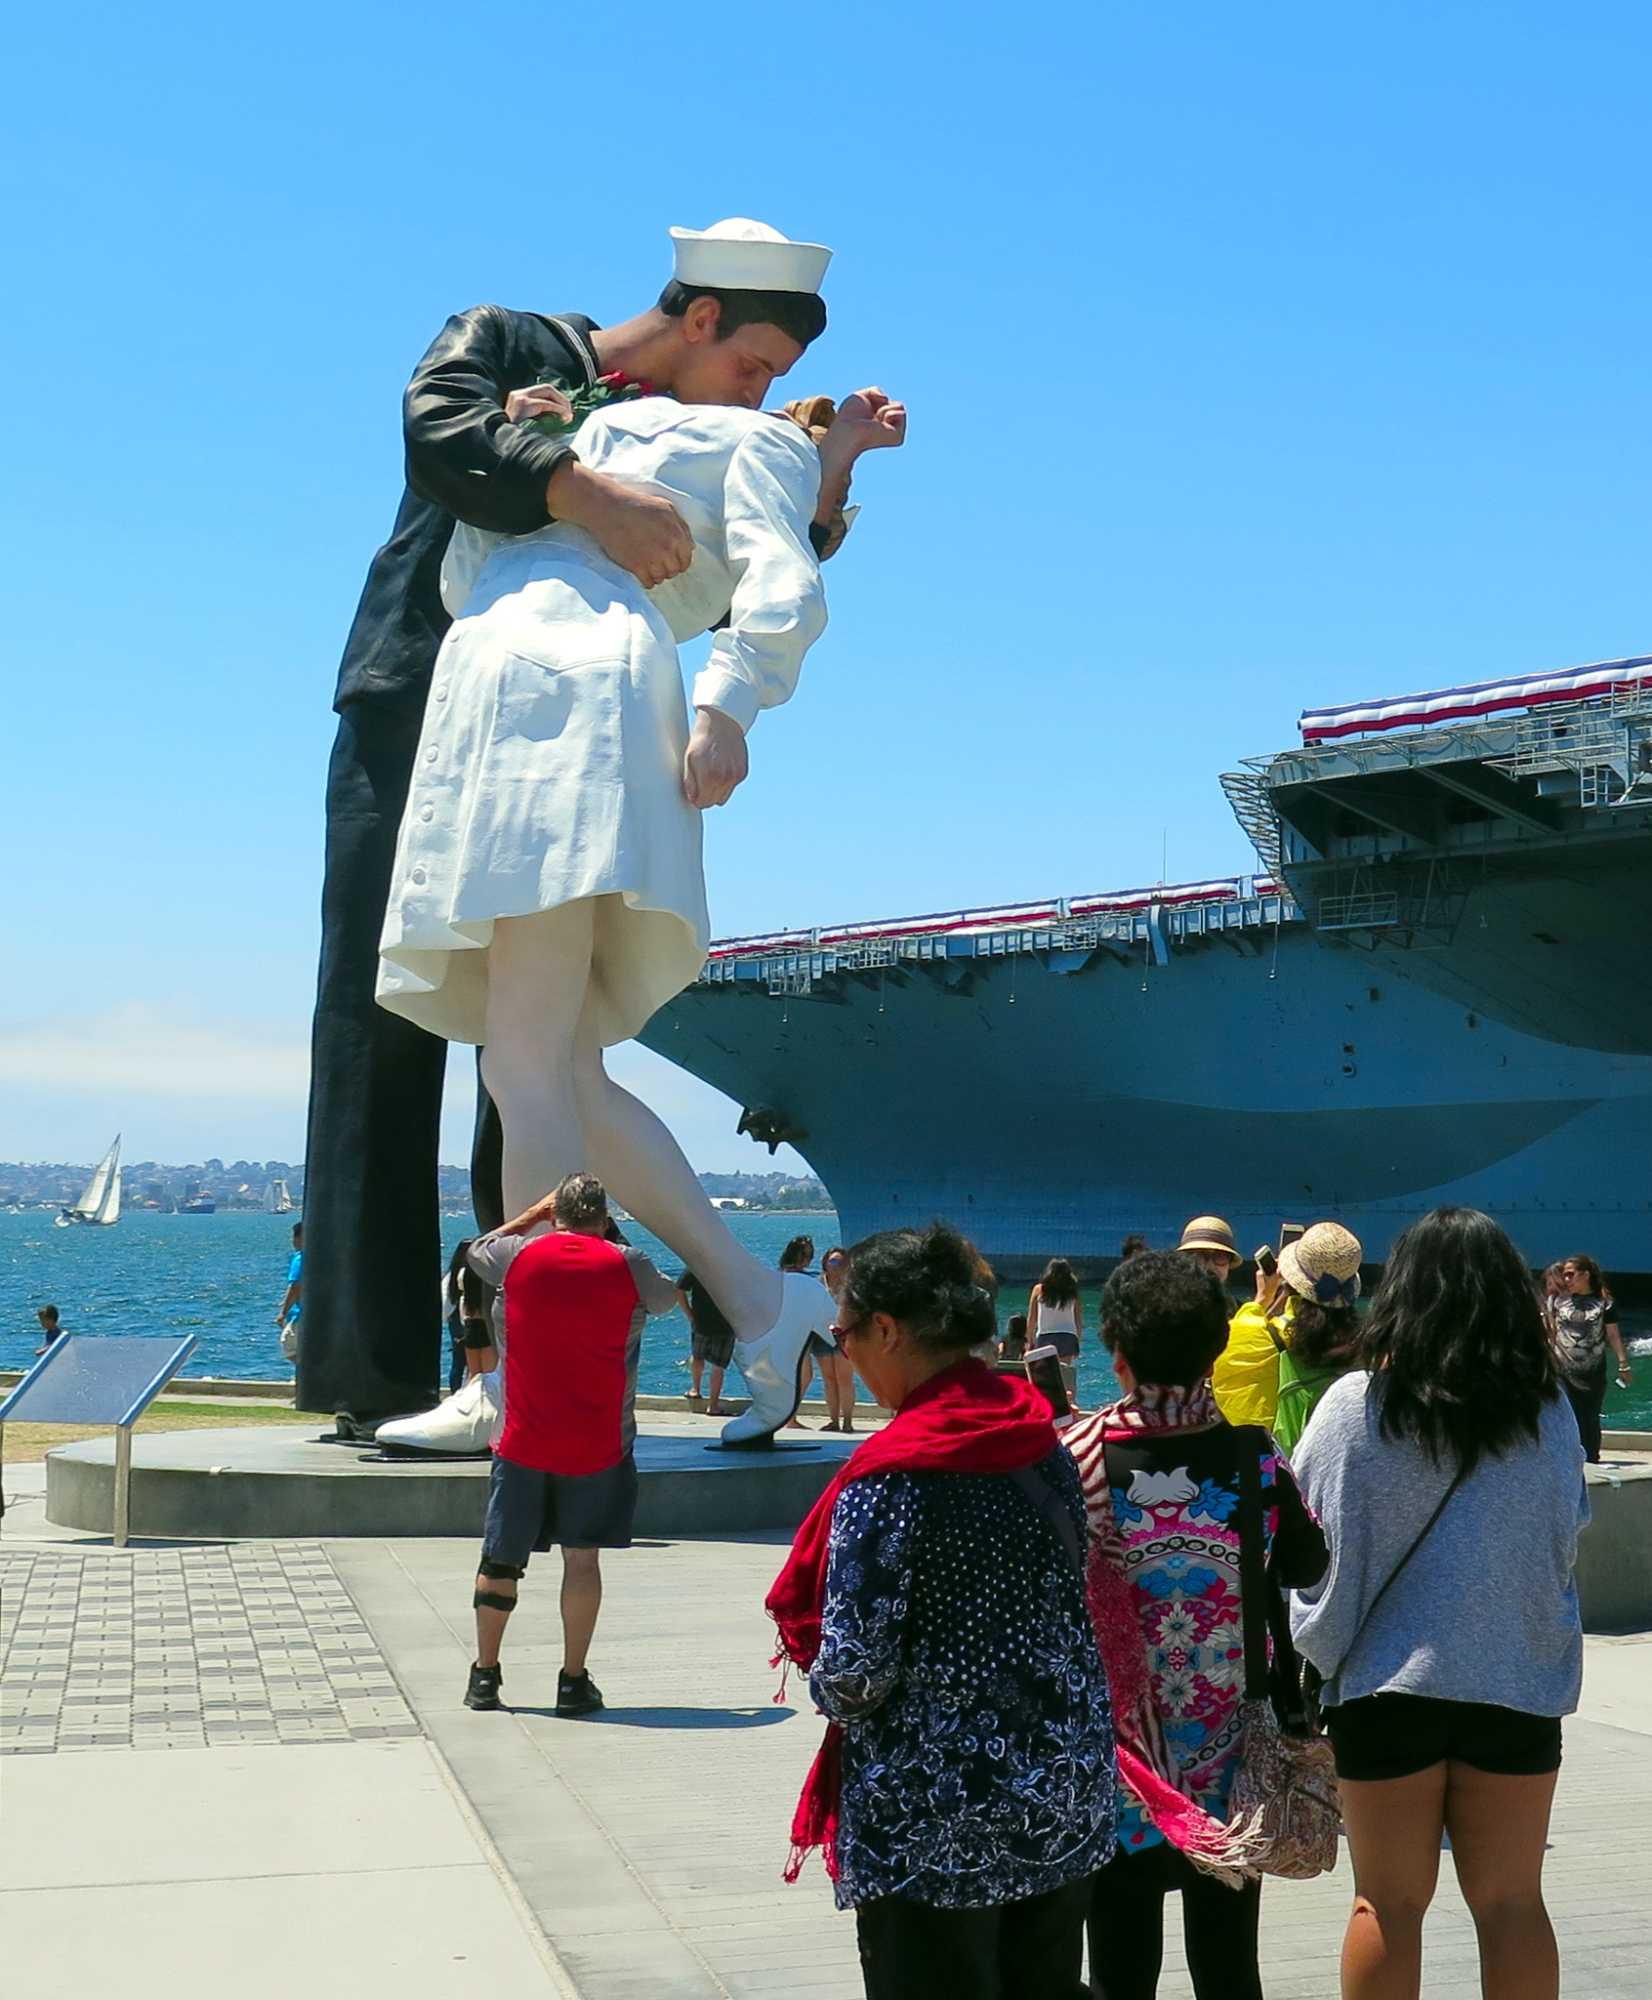 Touristen, dahinter eine riesige Statue: Matrose küsst Mädchen